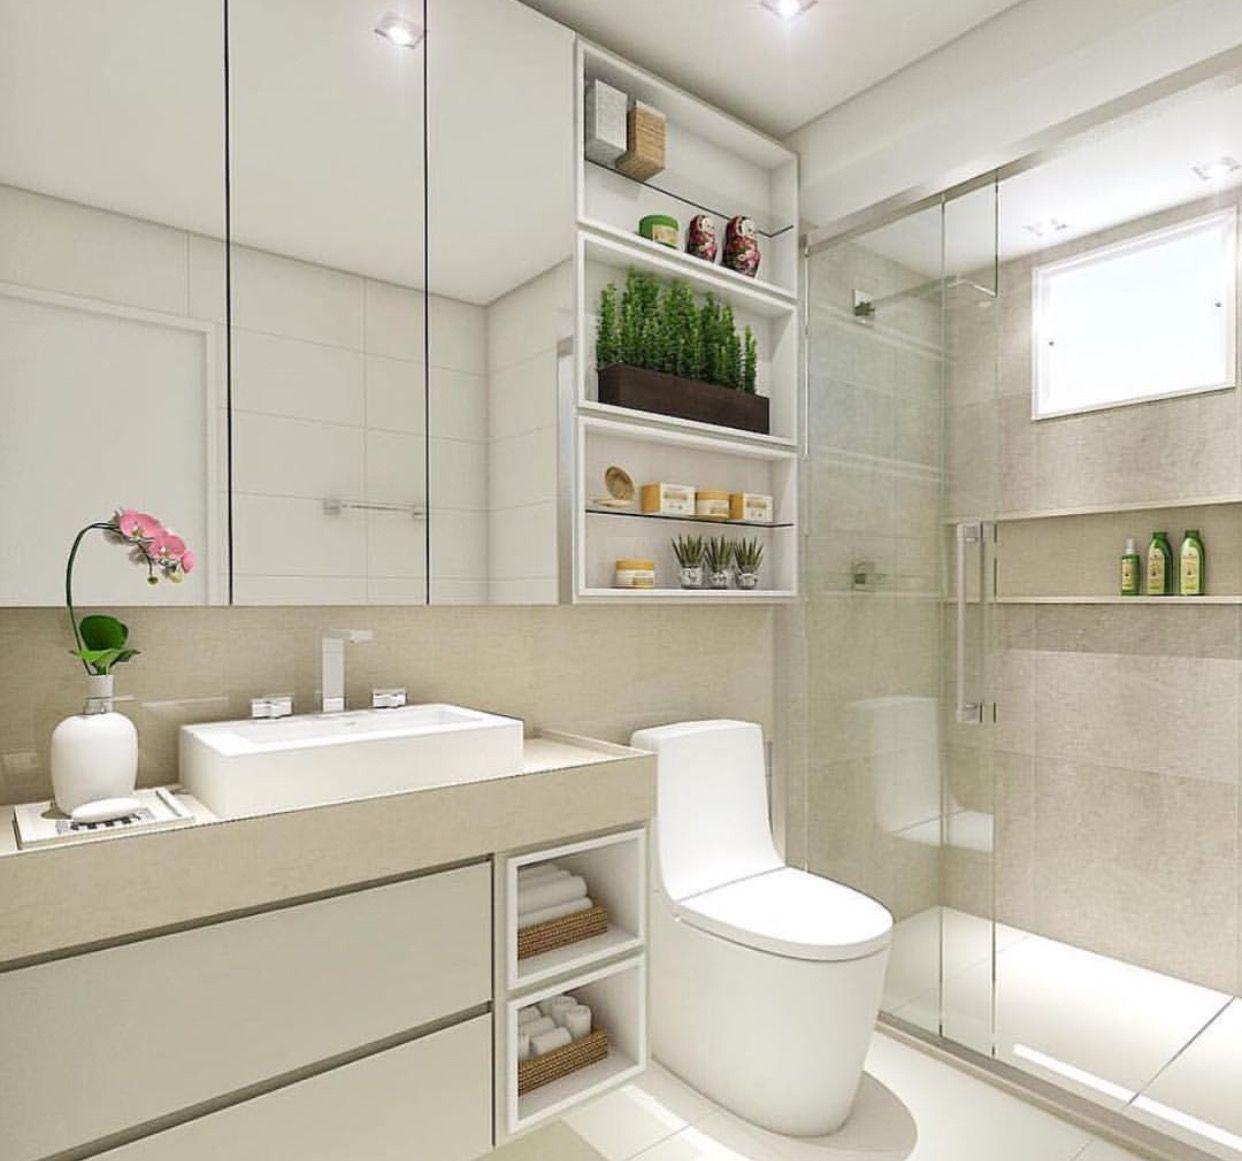 Pin von Yara Andraos auf Bathrooms | Pinterest